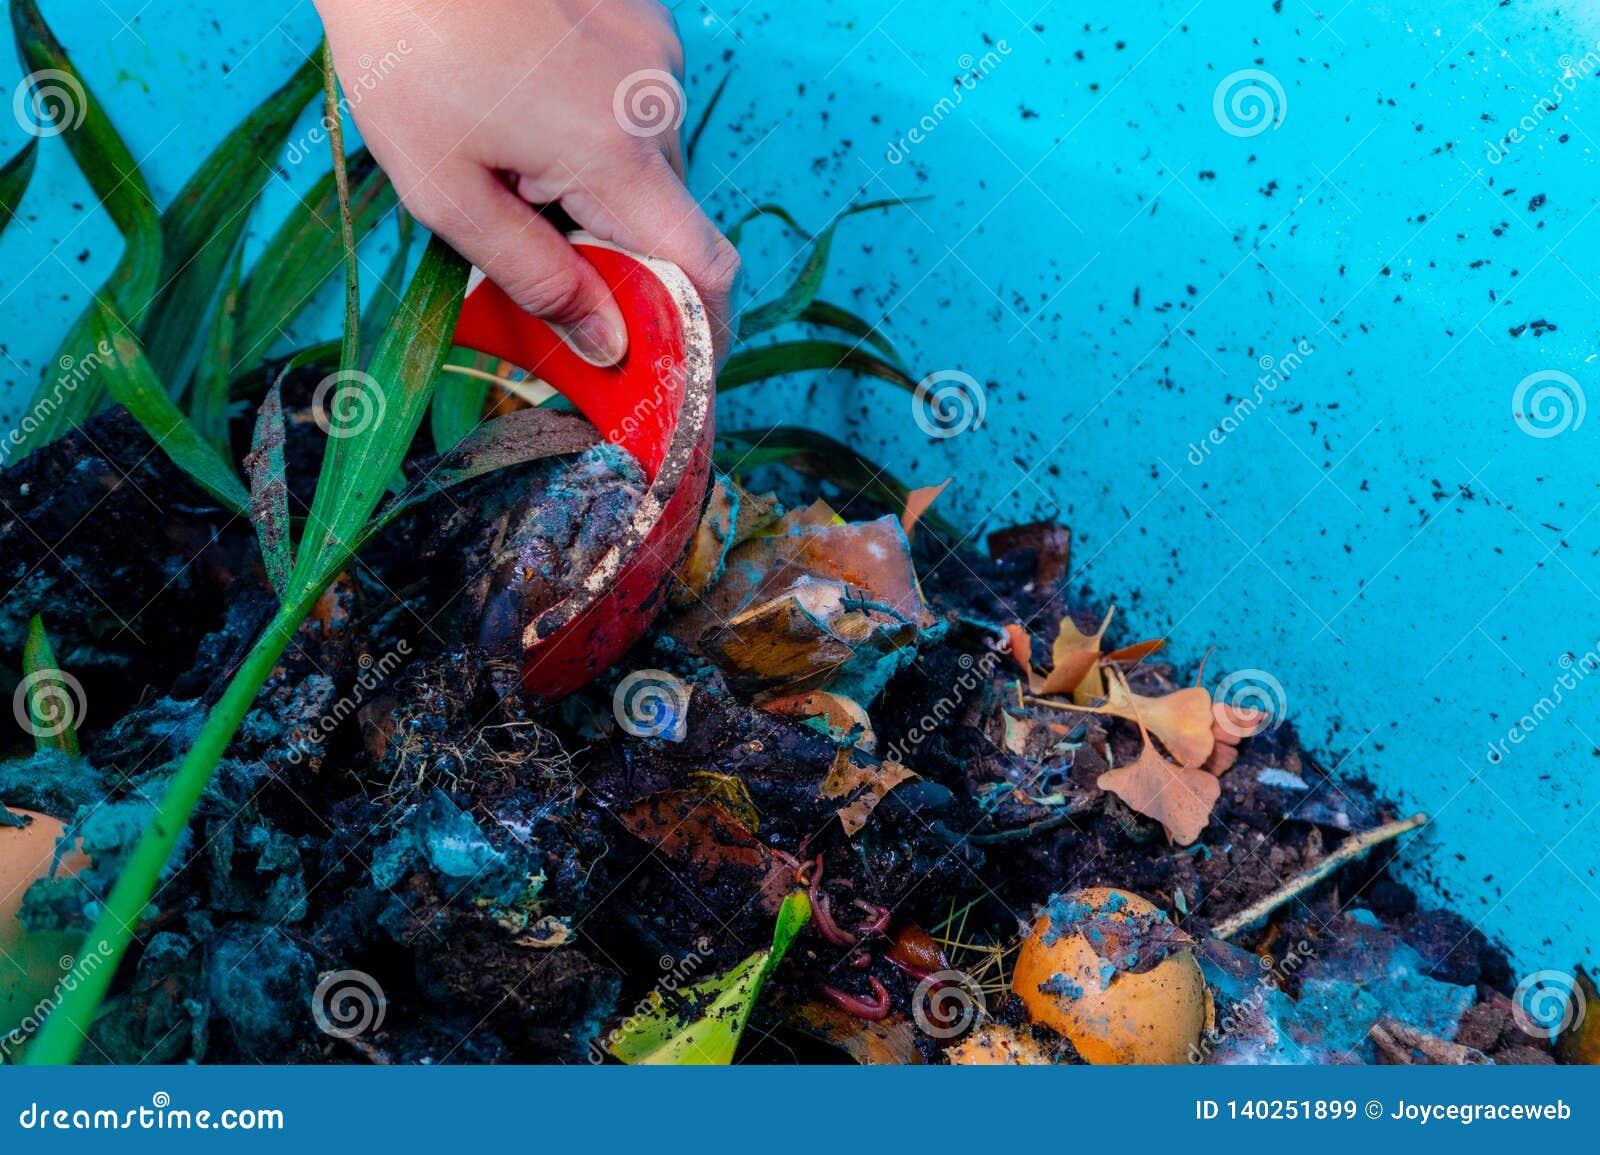 Λίπανση σε ένα πλαστικό δοχείο που χρησιμοποιεί στο σπίτι τα απορρίματα σκουληκιών αγροκτημάτων και κουζινών